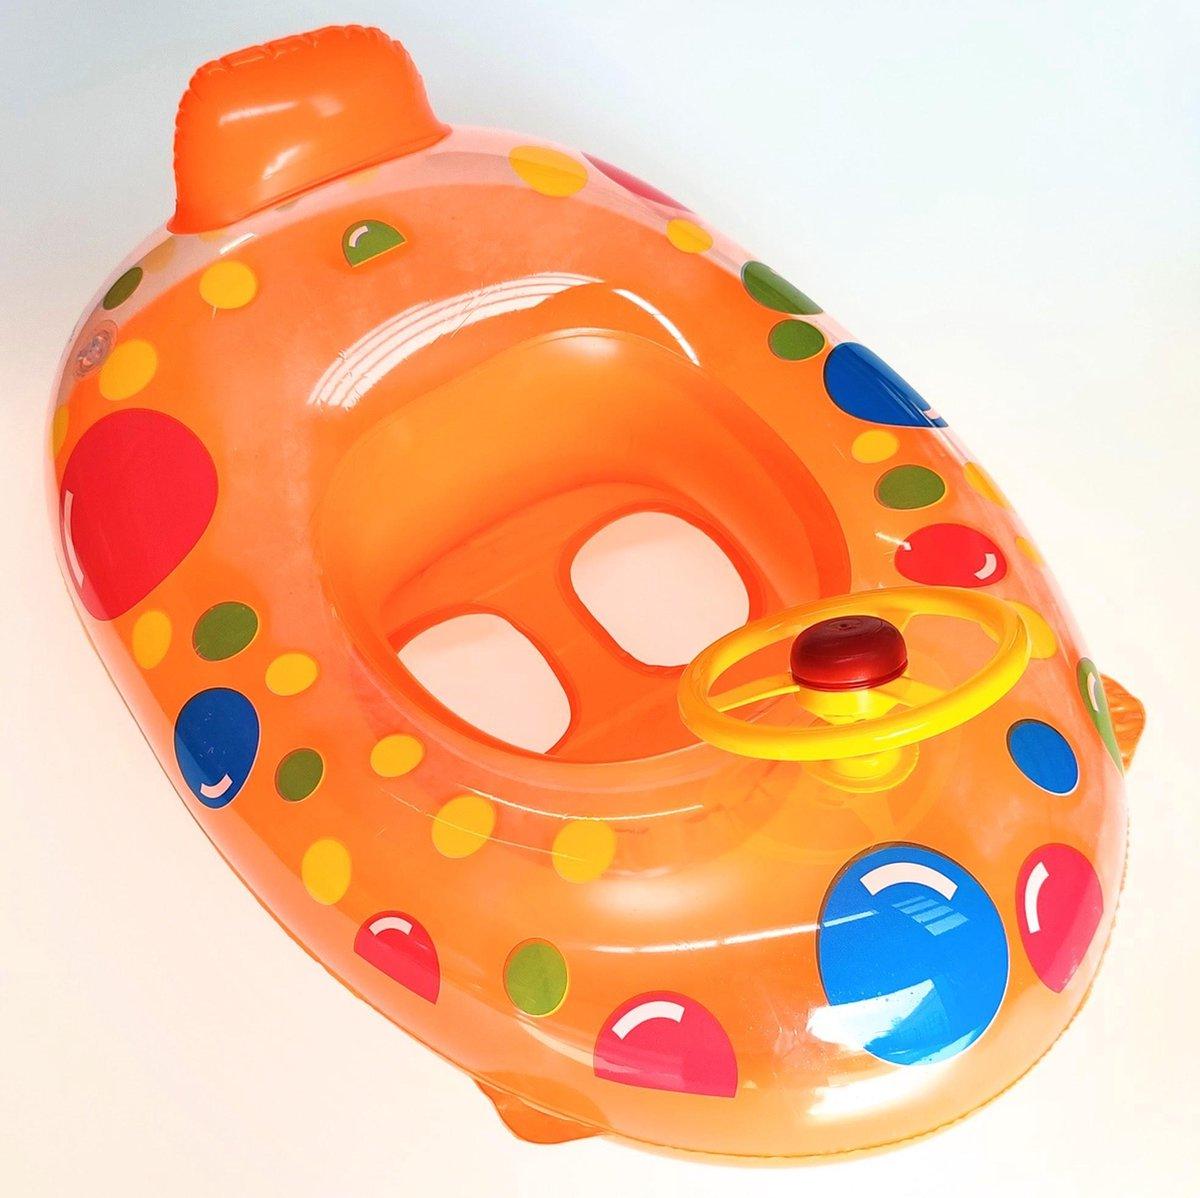 Jobber Toys Bootje - Baby Float Rubber Boot - WILLEKEURIGE KLEUR